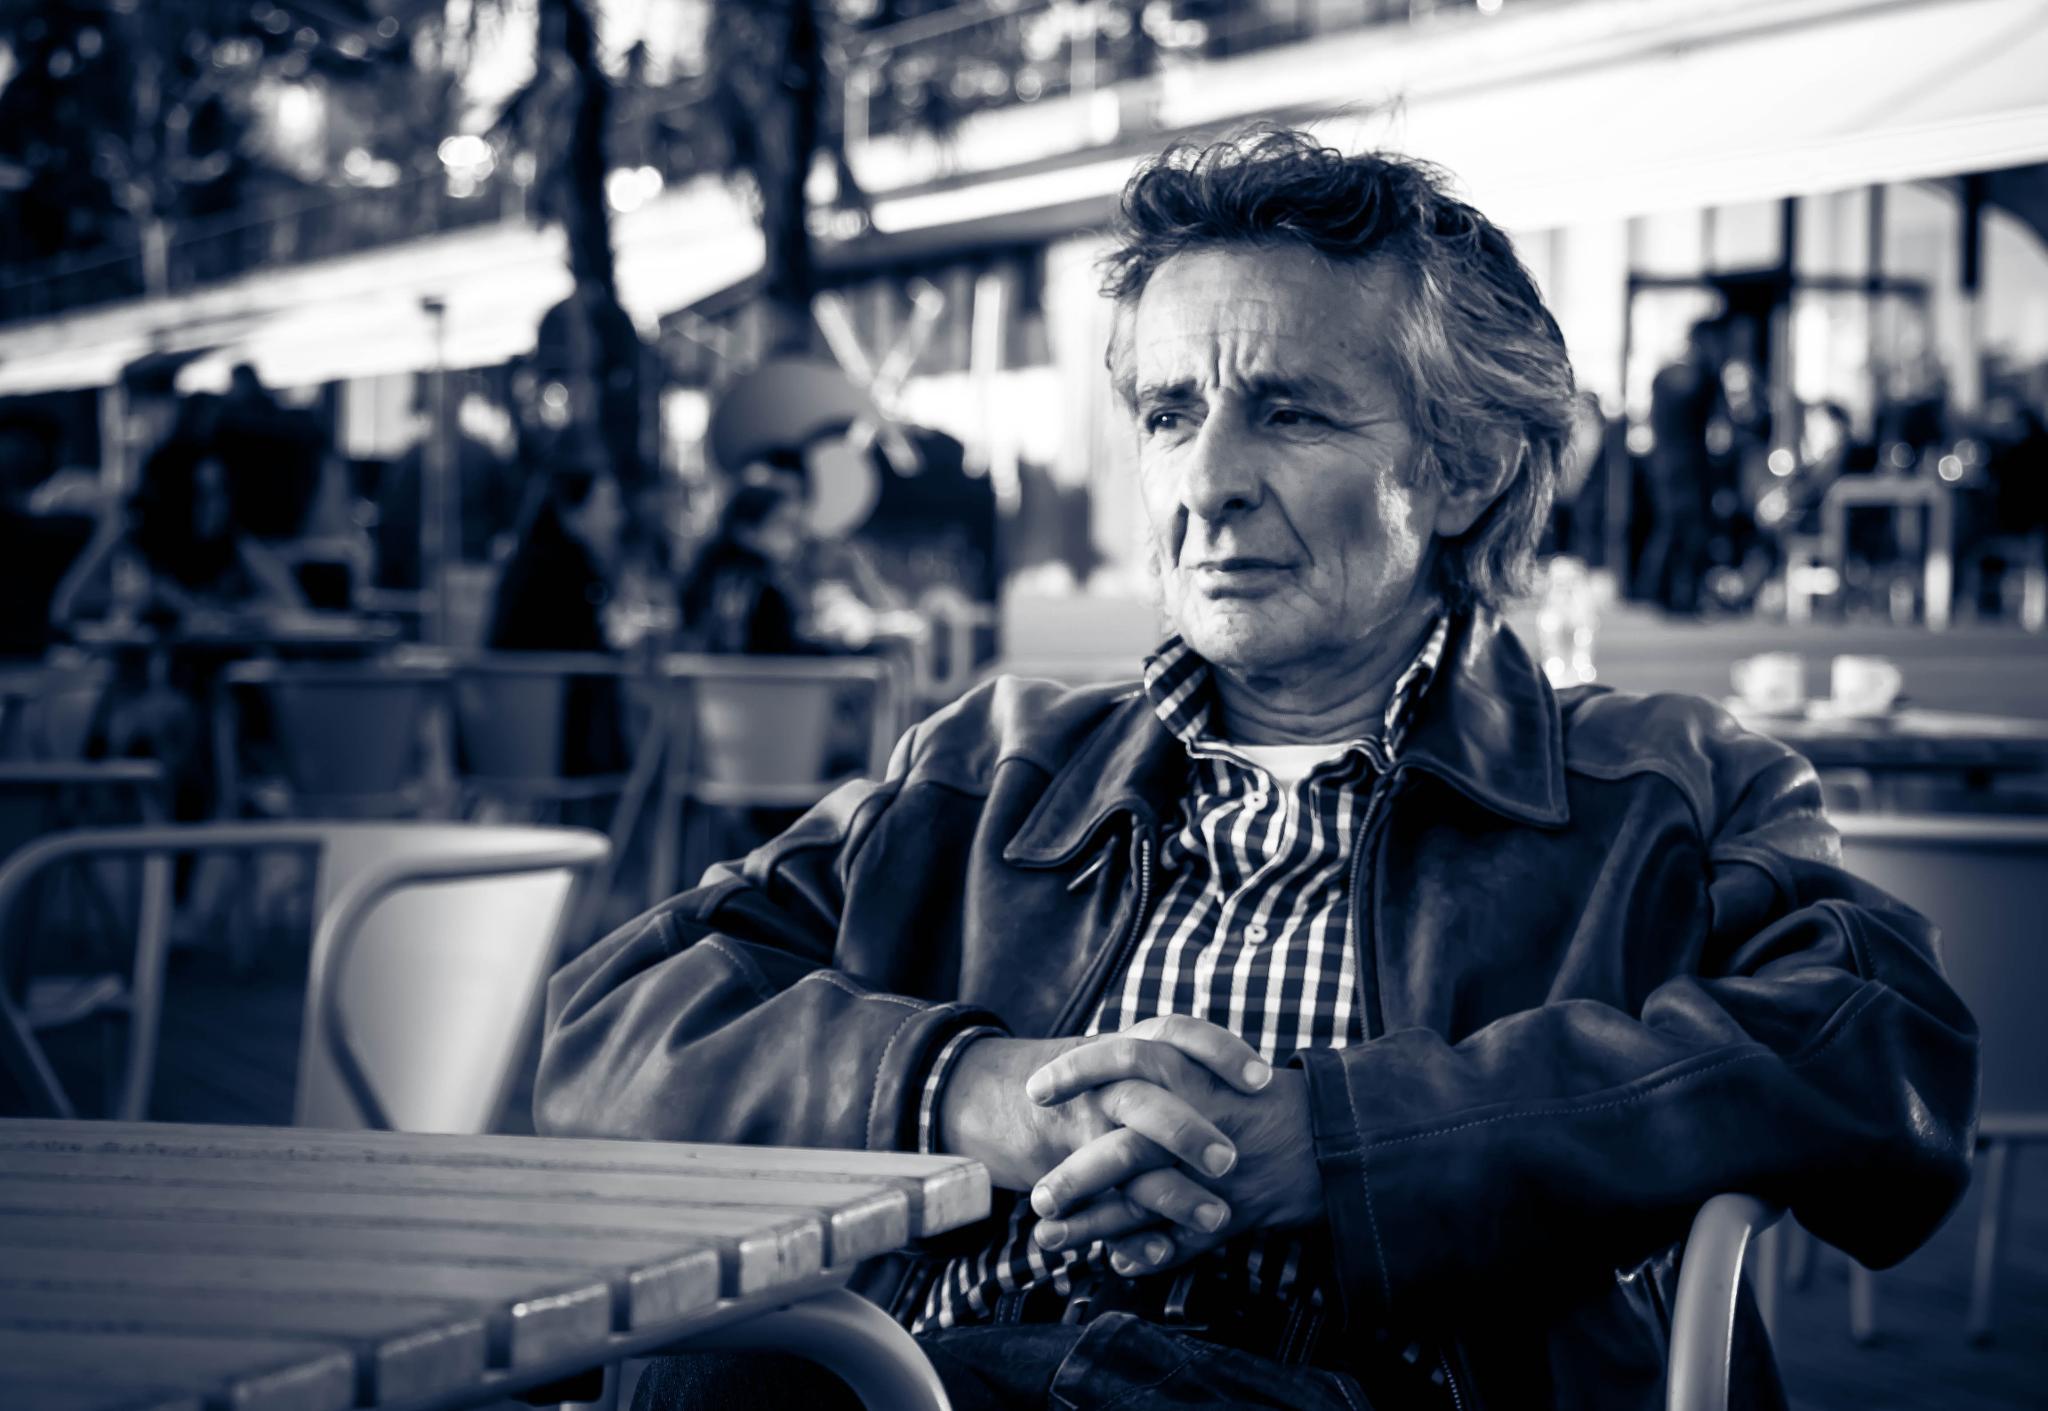 Contemplation by Mauro Zarkand